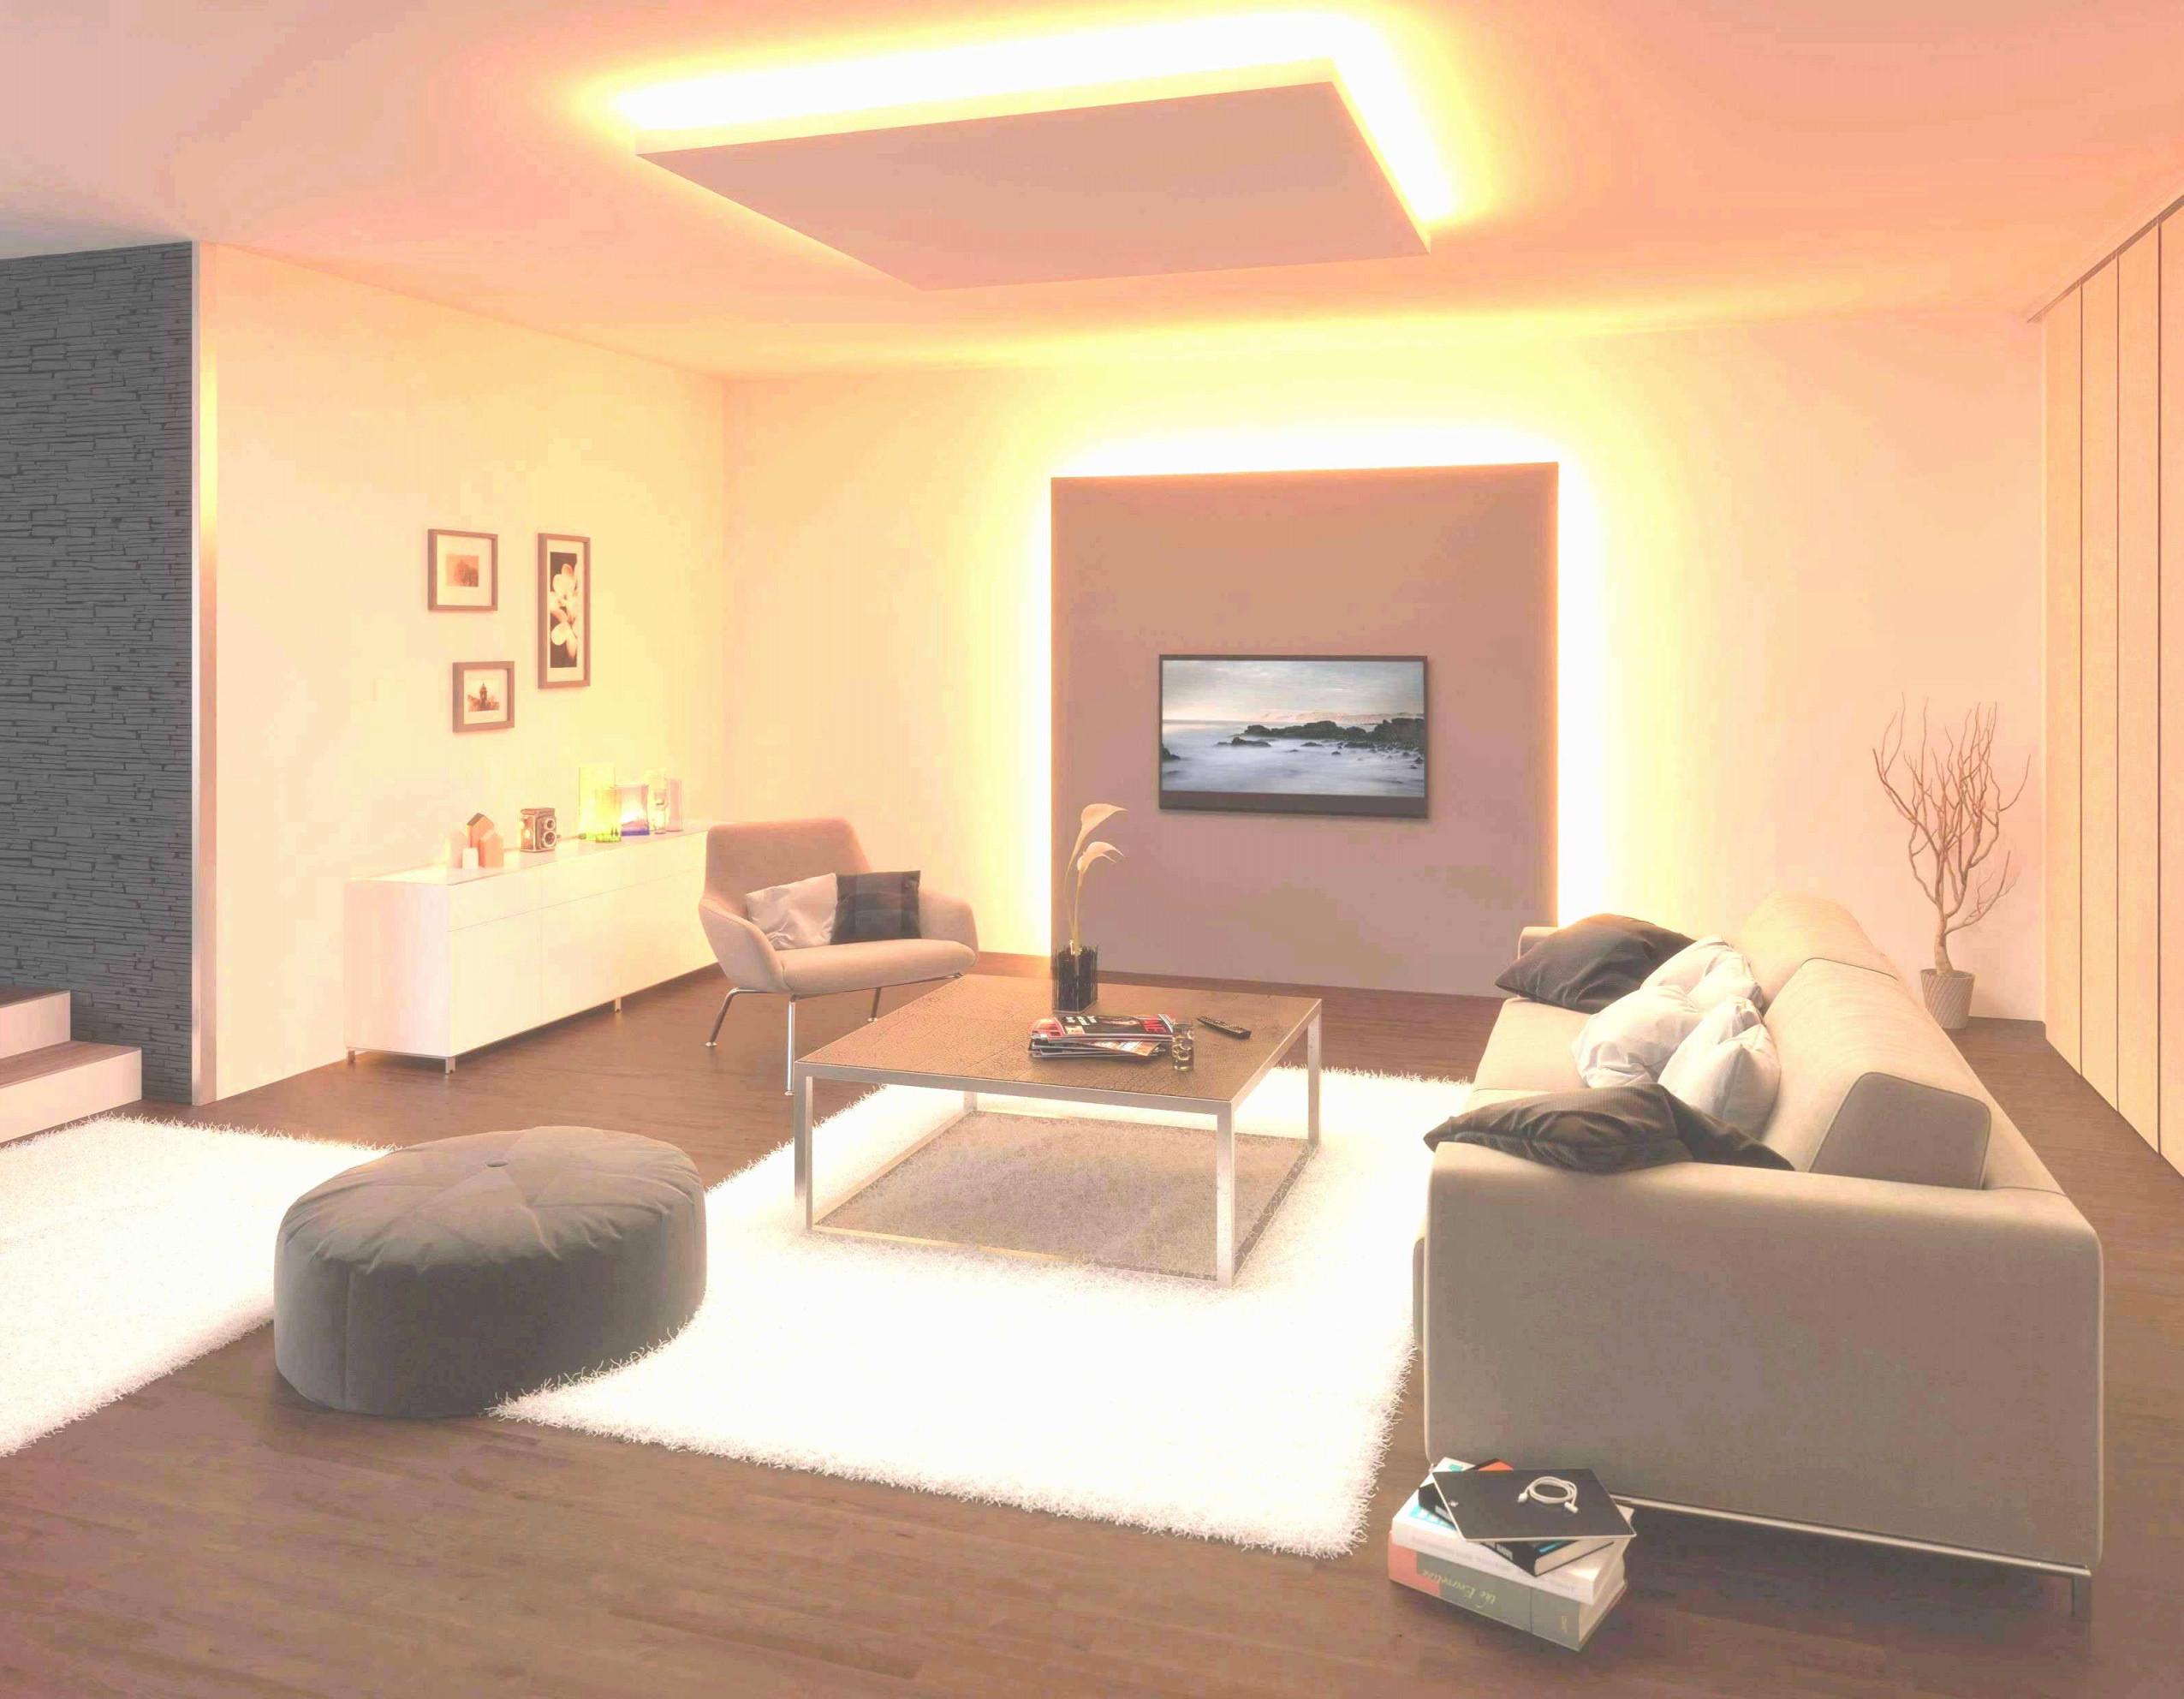 Led Deckenlampe Rund Neu Wohnzimmer Deckenleuchte Led Luxus von Deckenlampe Wohnzimmer Rund Photo